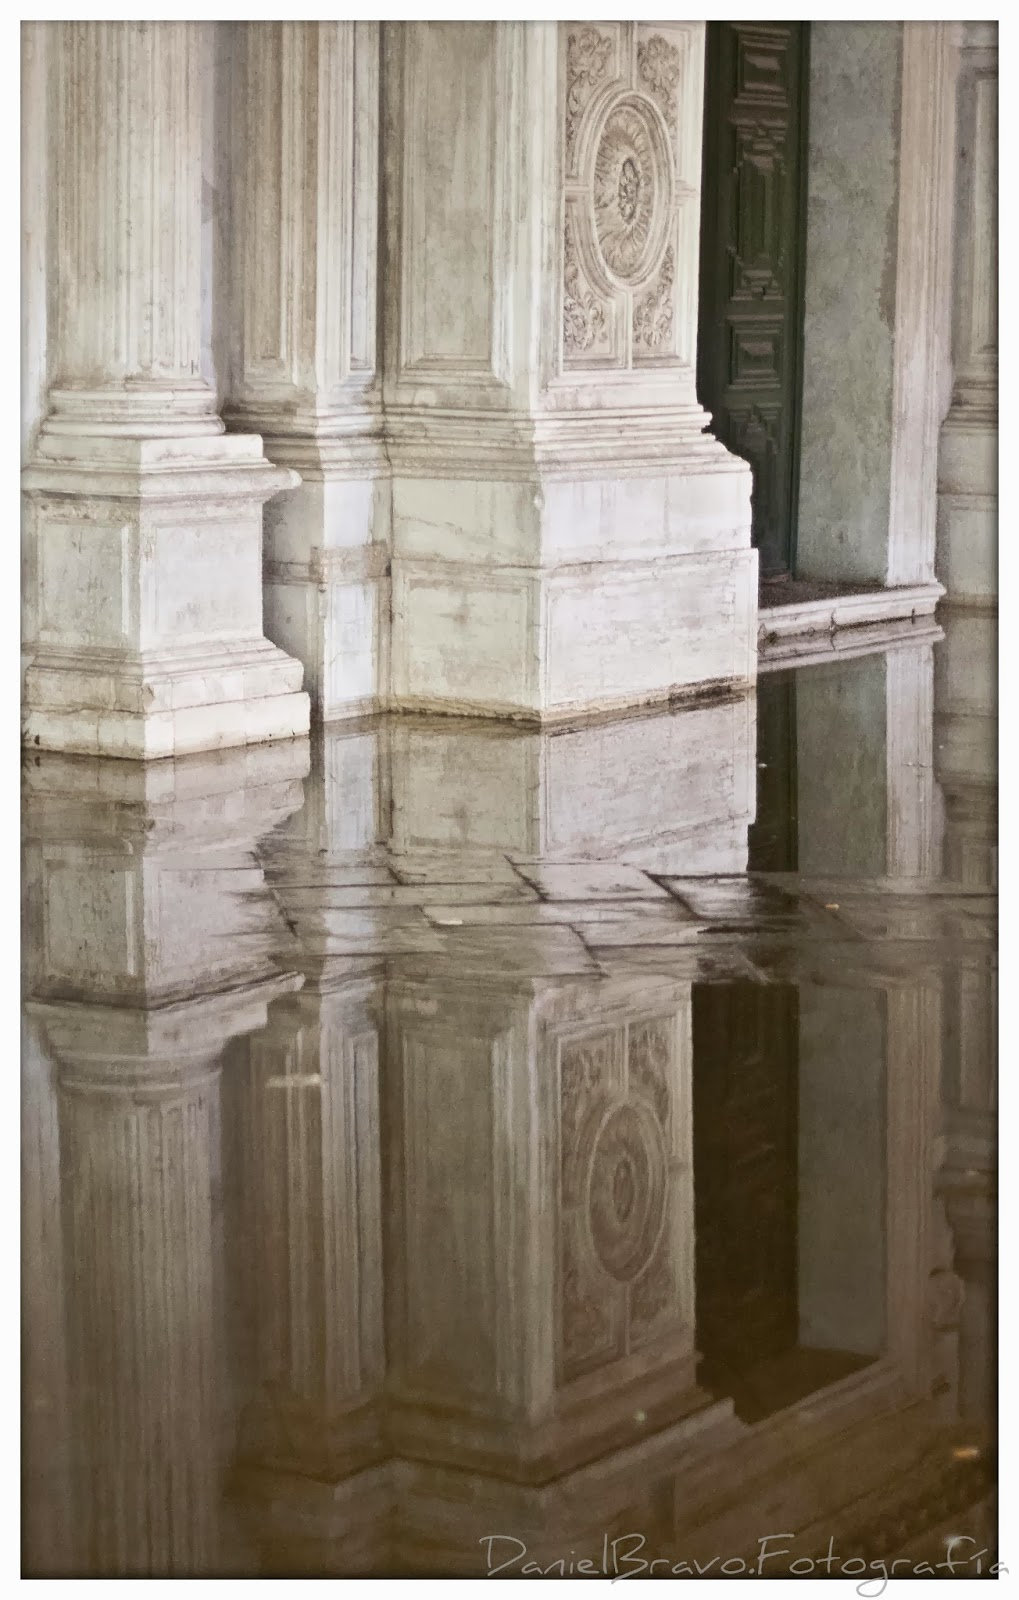 Vista de la marea alta en Venecia reflejada en una iglesia de la ciudad